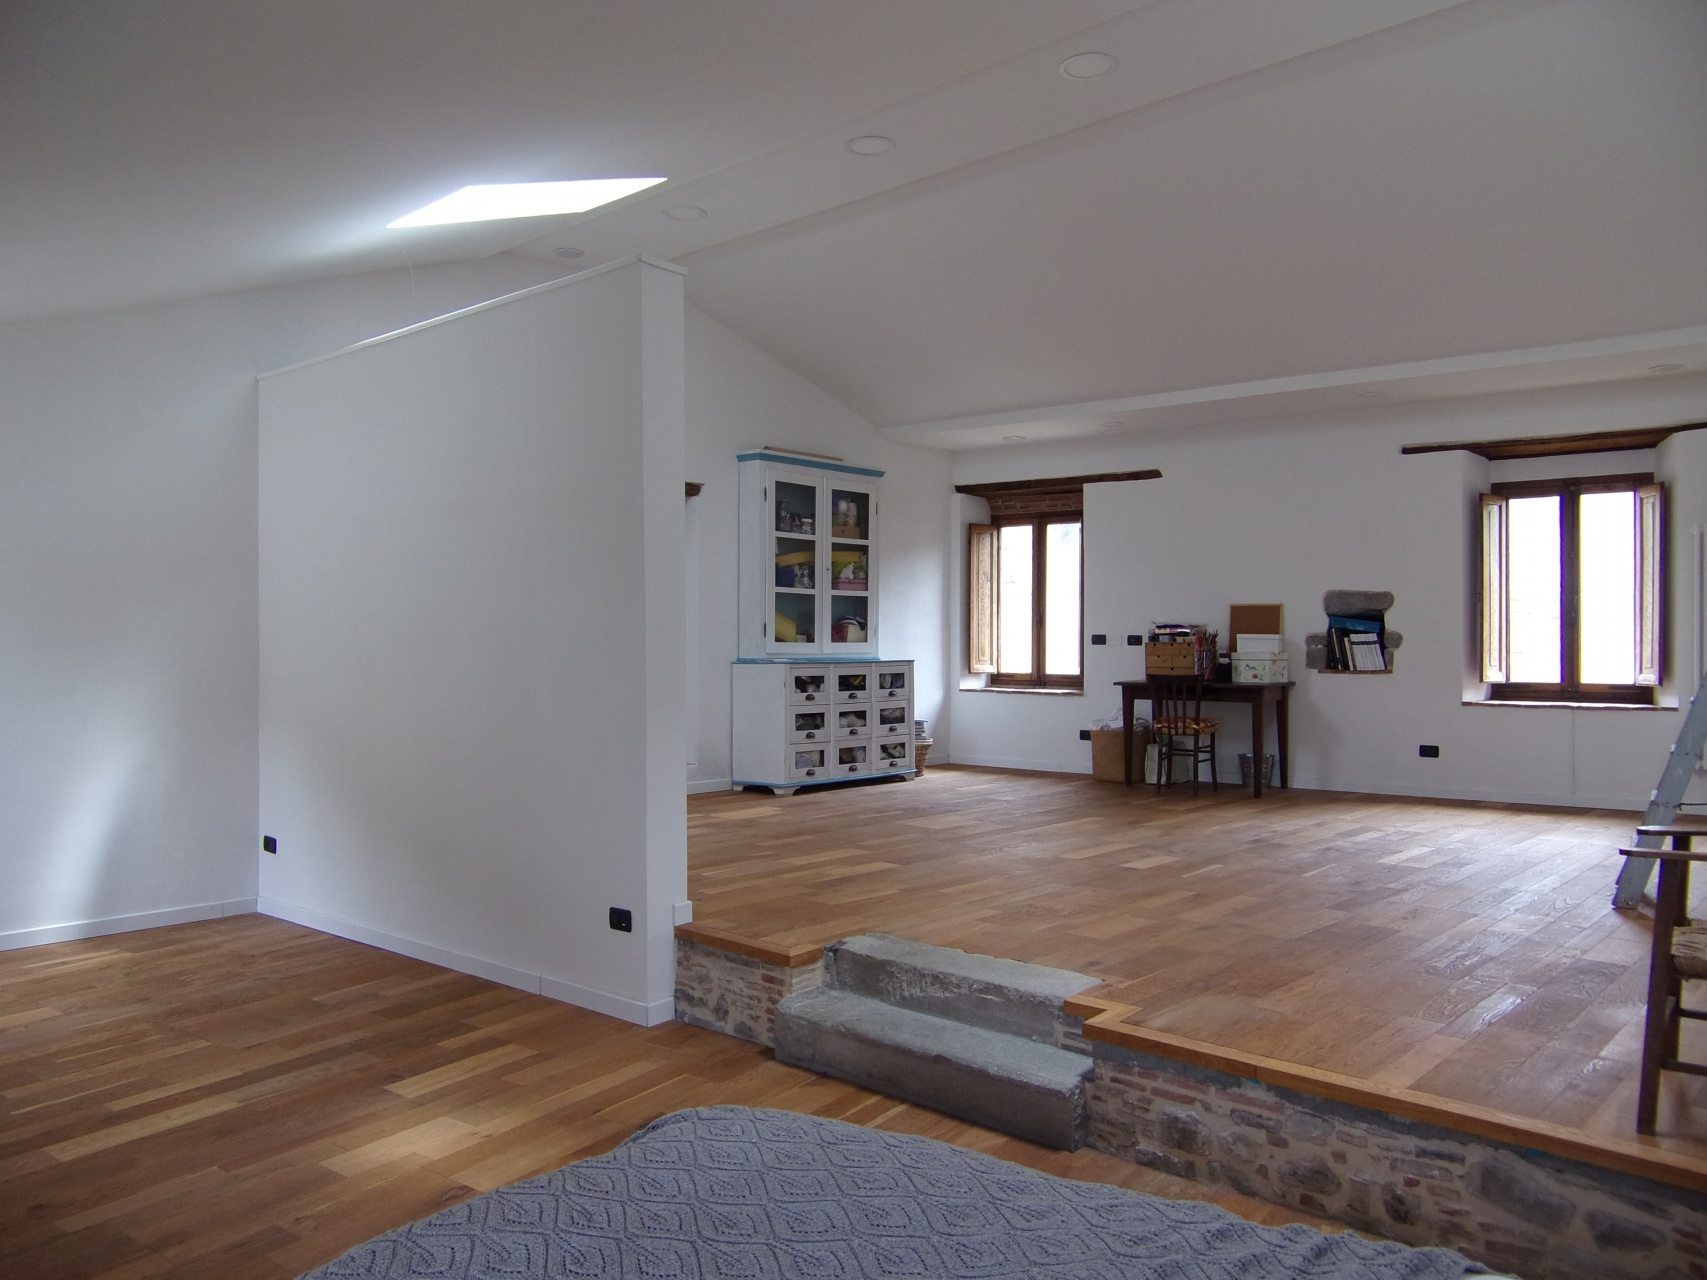 foto Grande casa di paese posta in Benabbio vicino a Bagni di Lucca, completamente ristrutturata della superficie utile di circa 312mq con 3 balconi e uliveto.